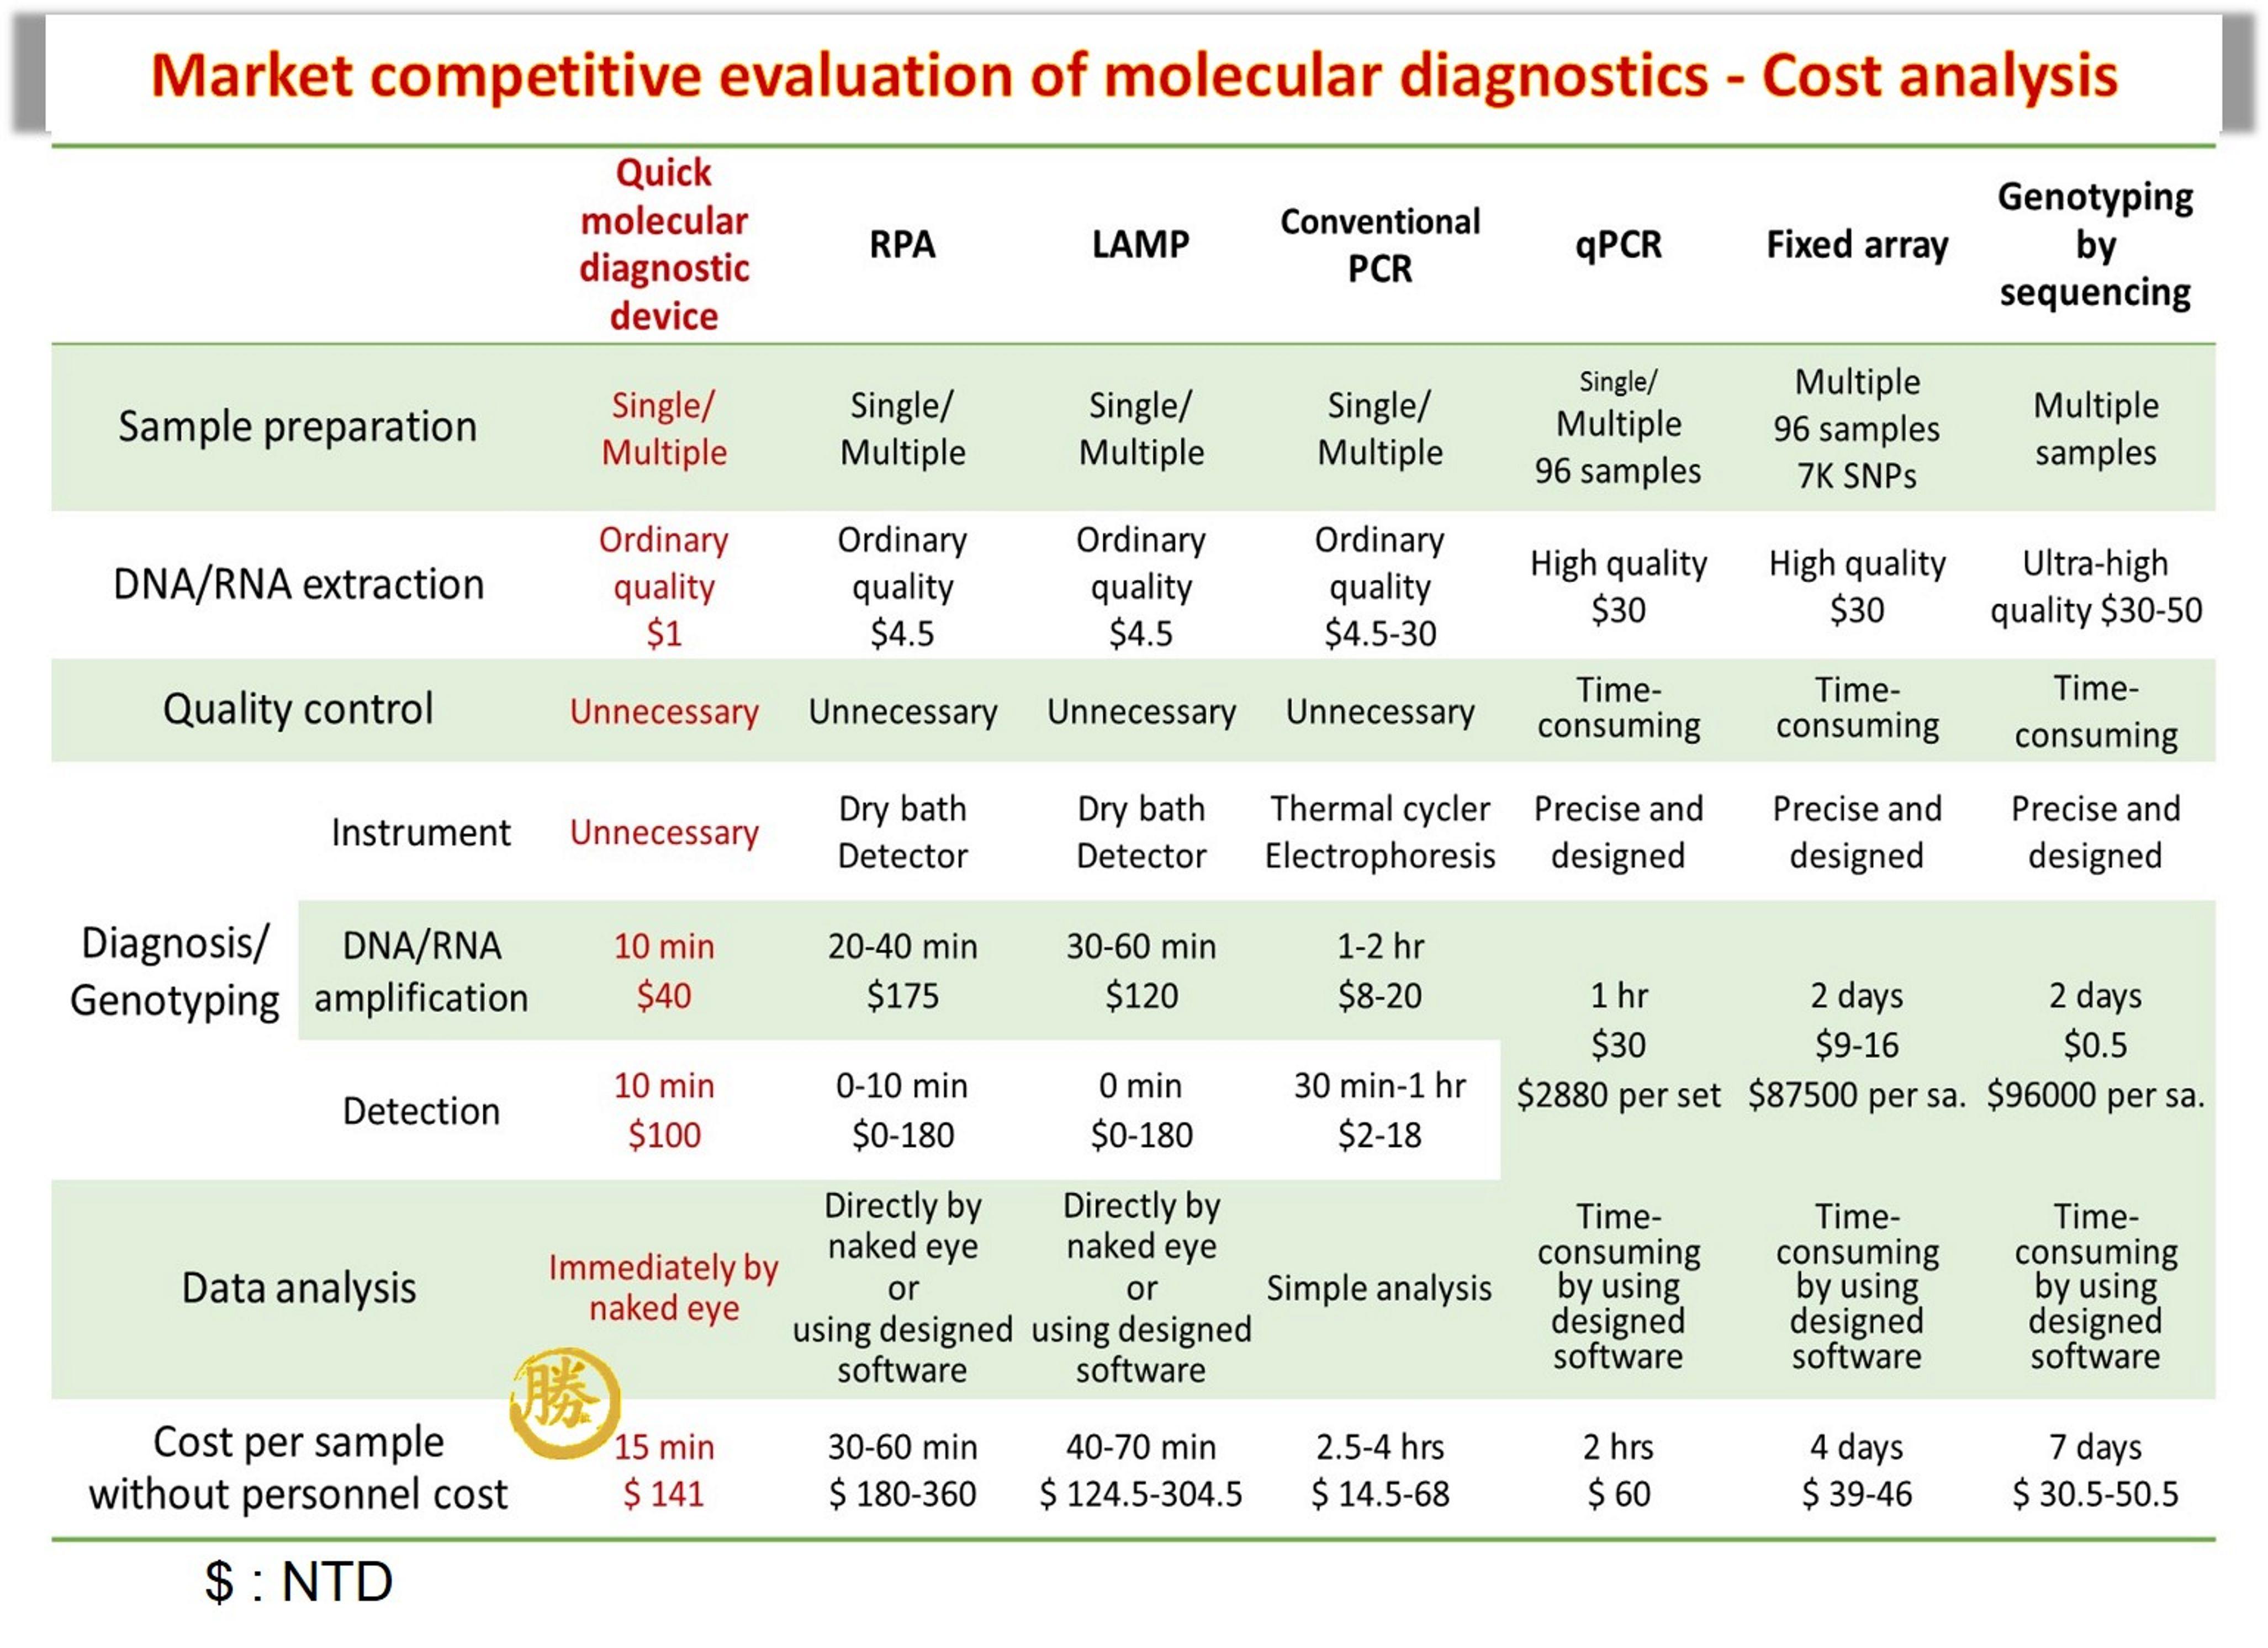 競爭力評估 - 成本分析